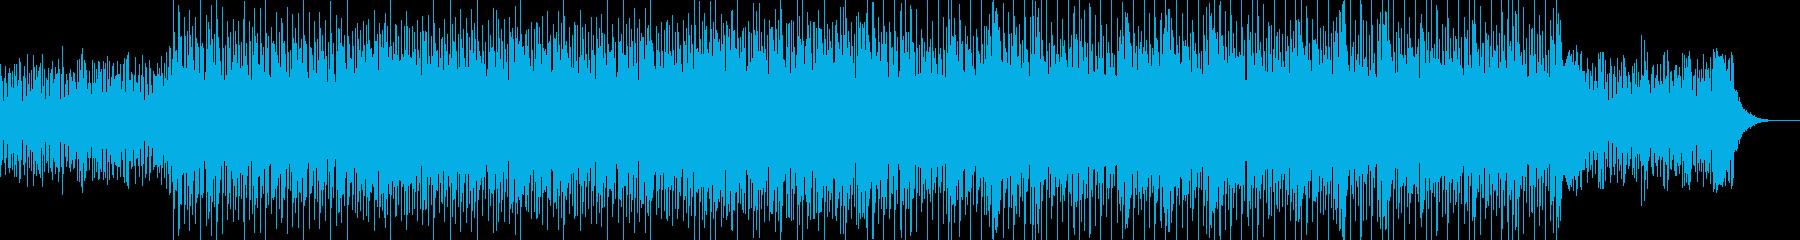 追いかけられているような疾走感のBGMの再生済みの波形